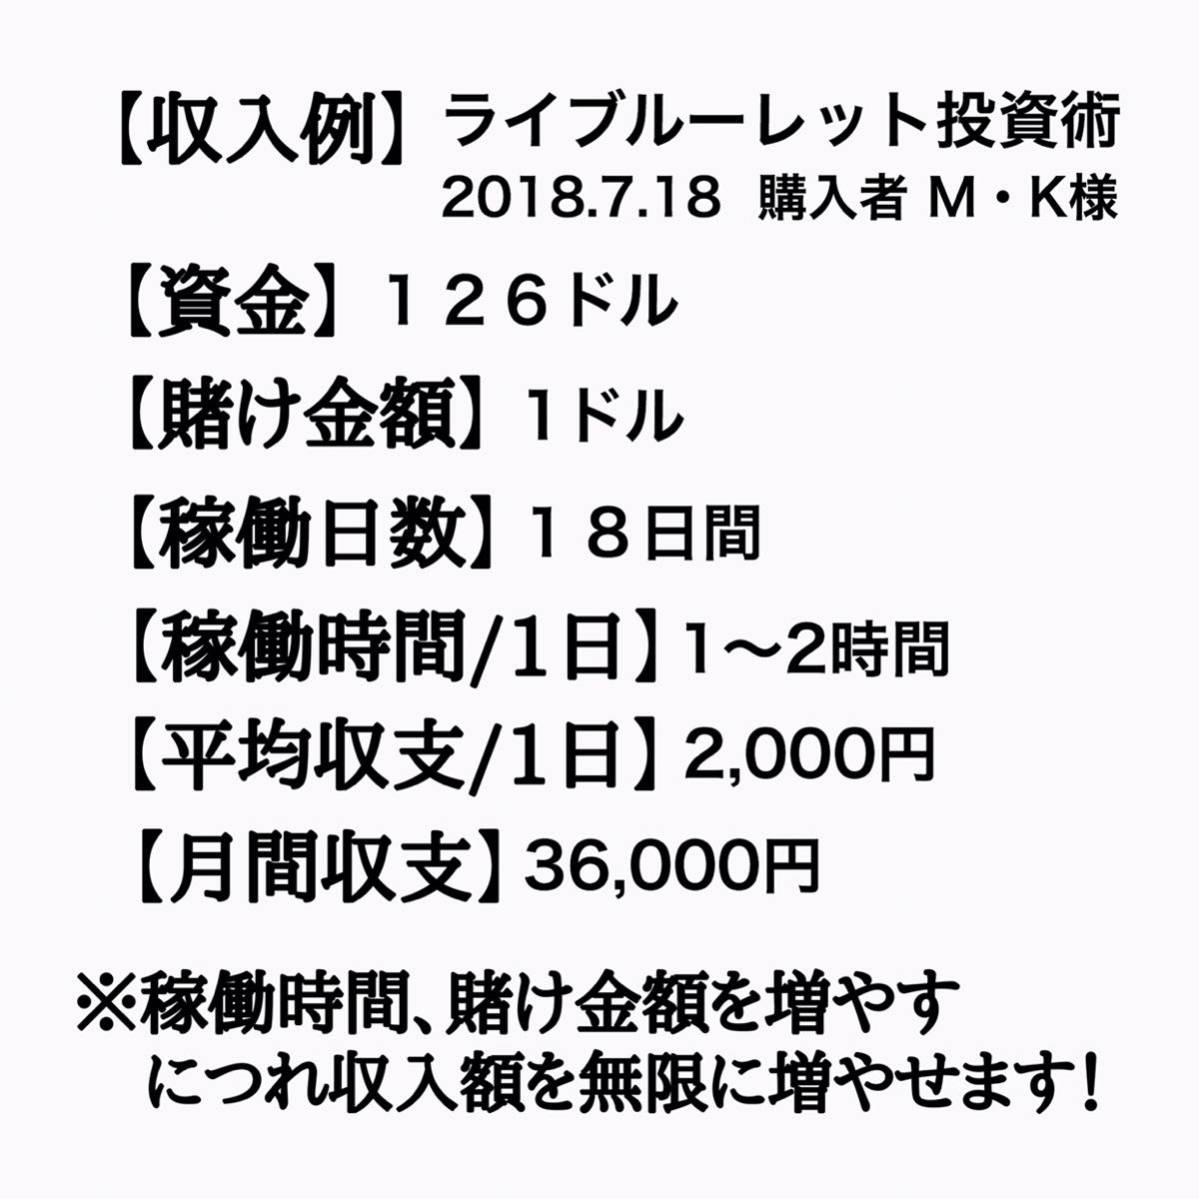 《先着3名様限定》通常価格¥90,000円⇒先着限定価格¥6,980円 完全オリジナル極秘投資術セット 攻略法 仮想通貨 FX 投資 カジノ 副業 0_画像2